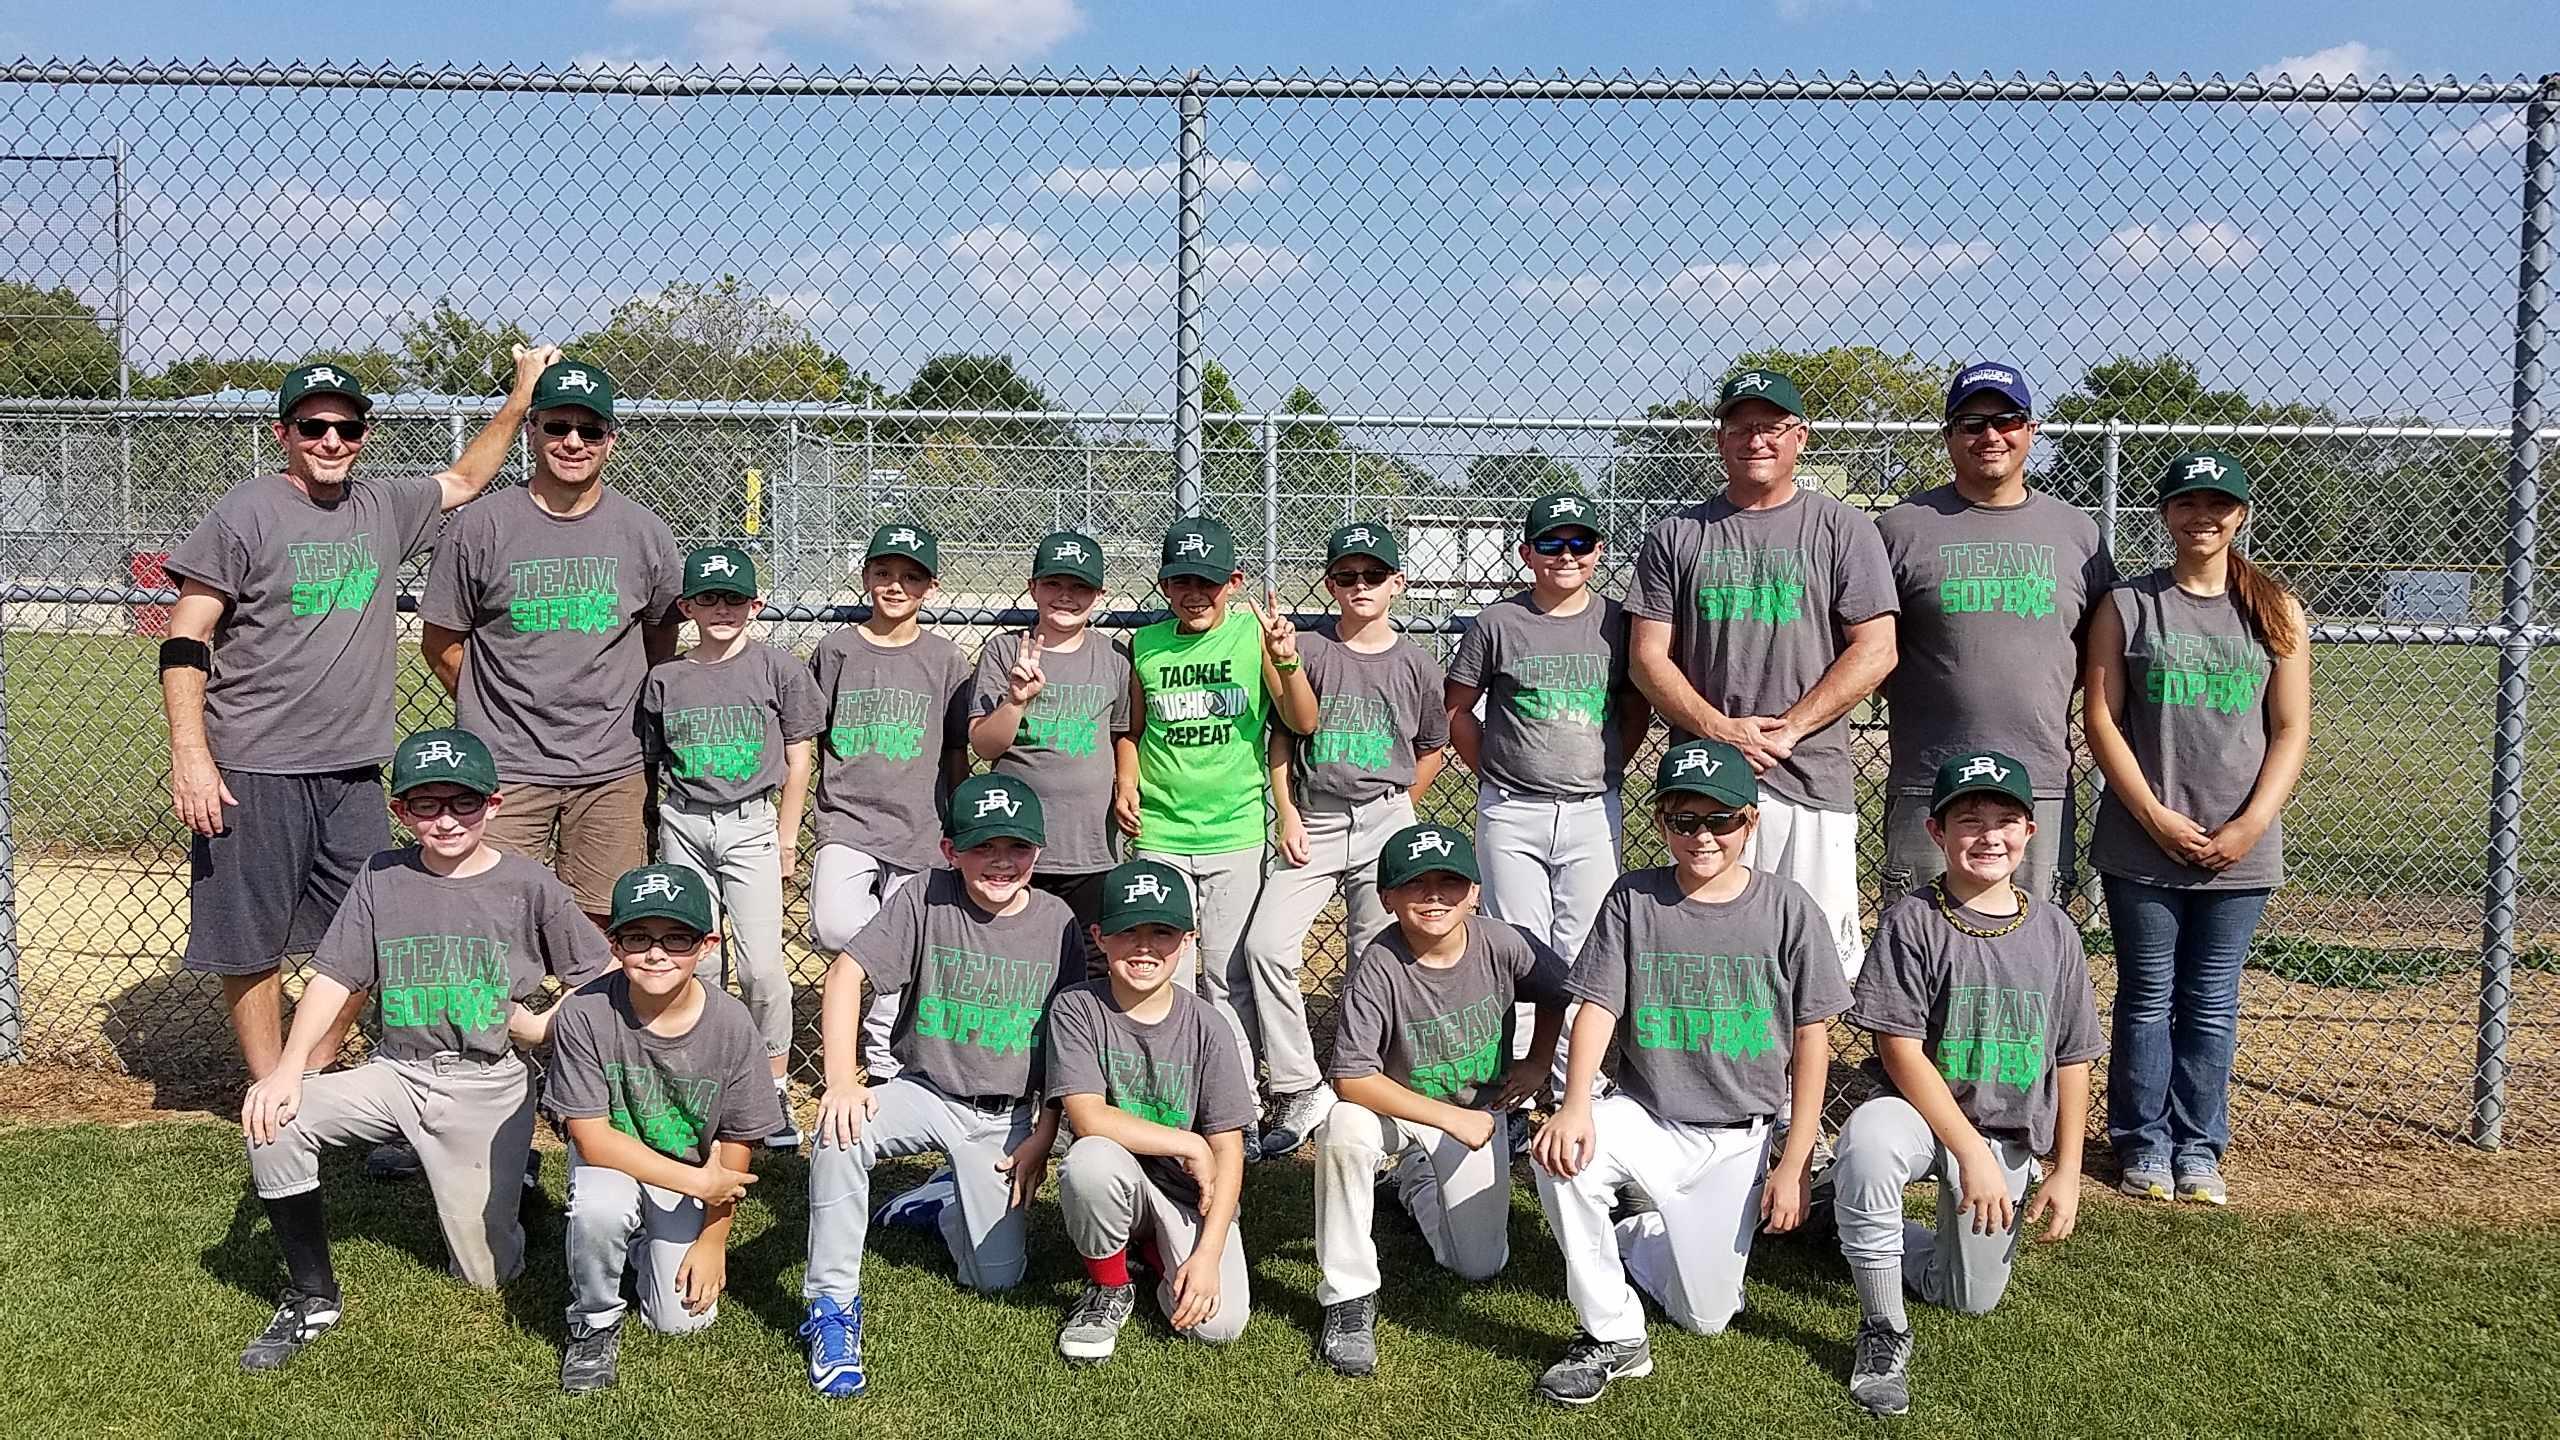 Insurance For Youth Travel Baseball Team